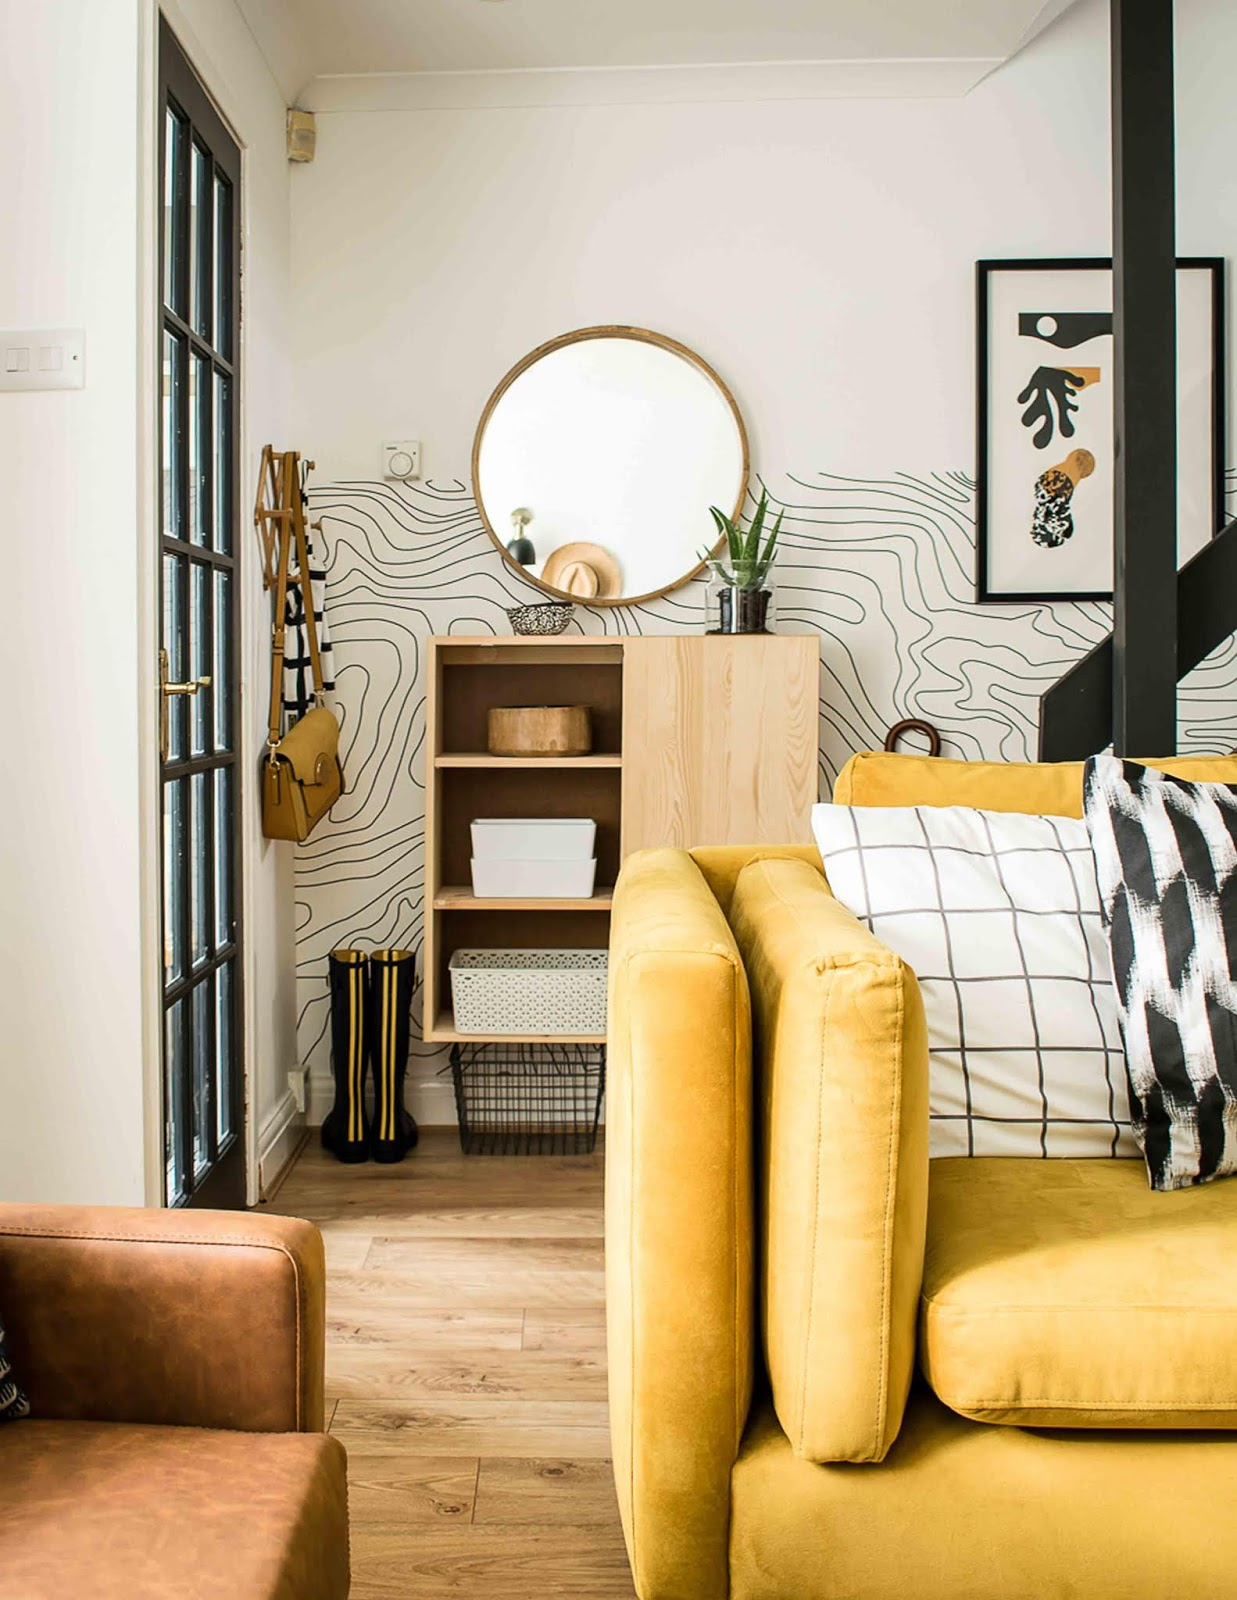 mueble de ikea en la entrada de casa